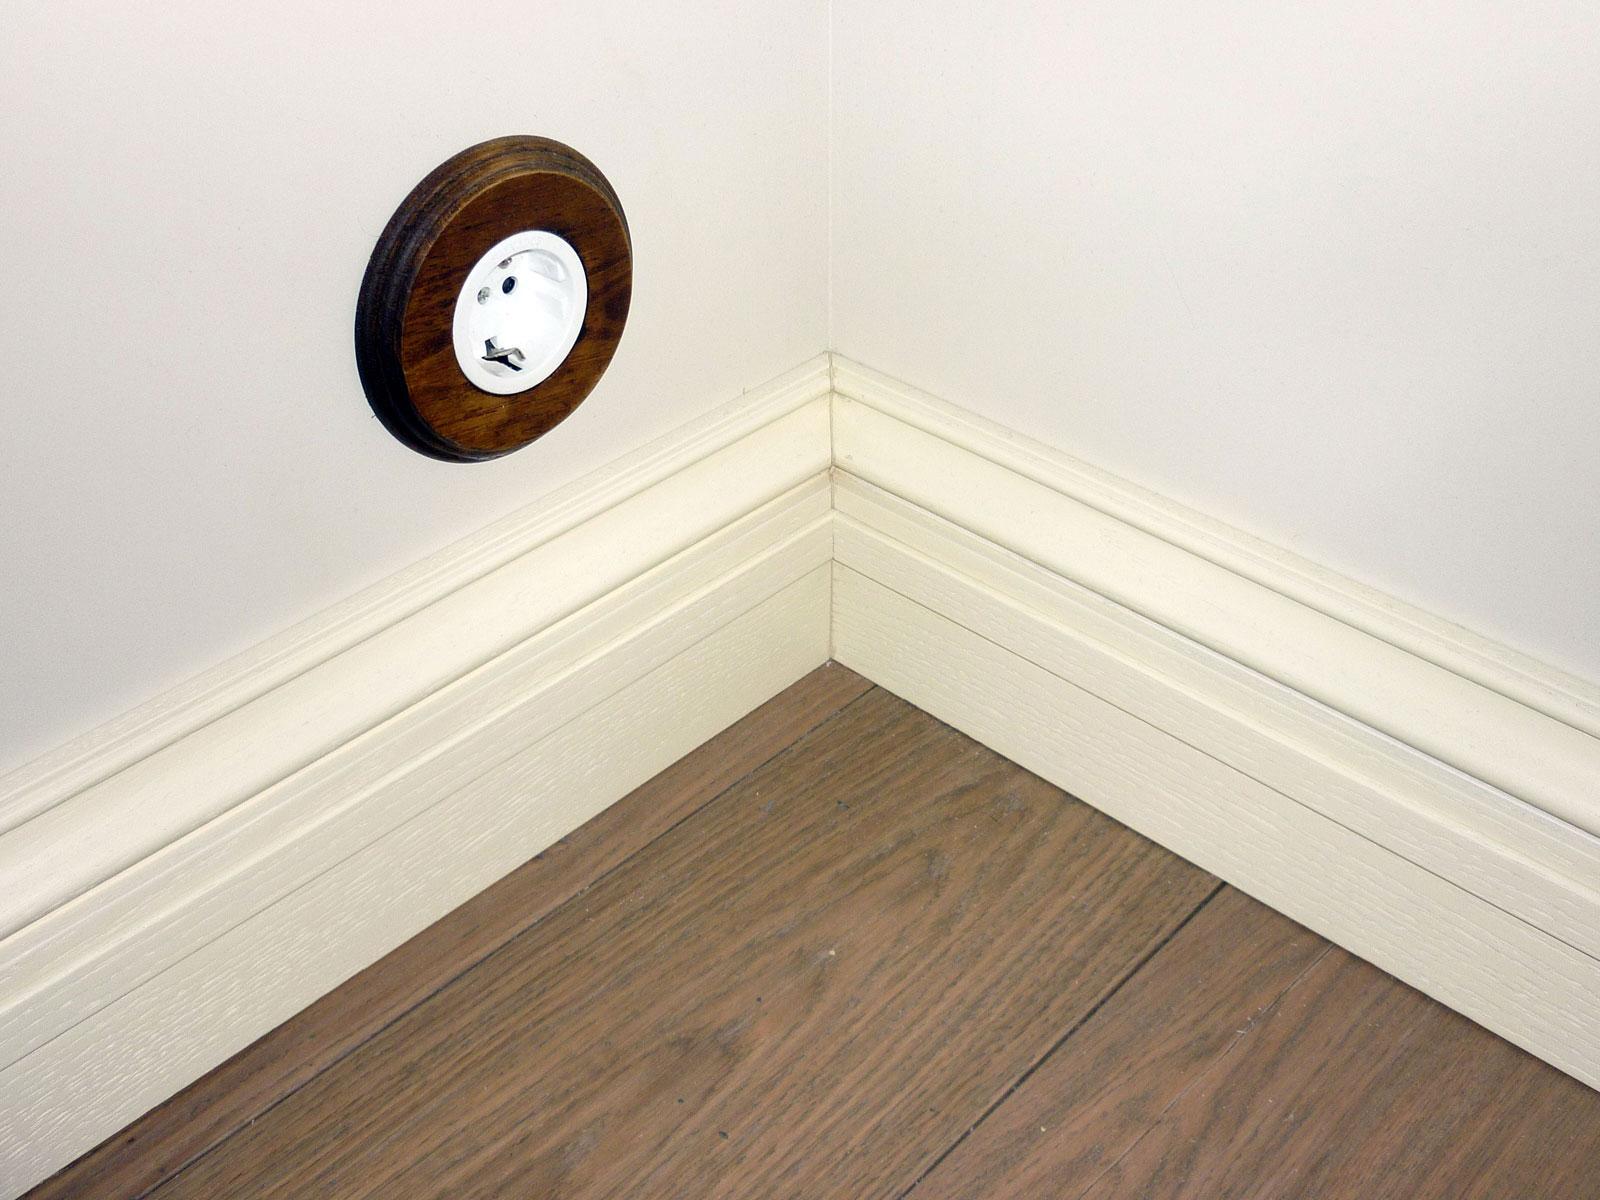 мыться плинтус напольный деревянный широкий фото неприхотлив уходе